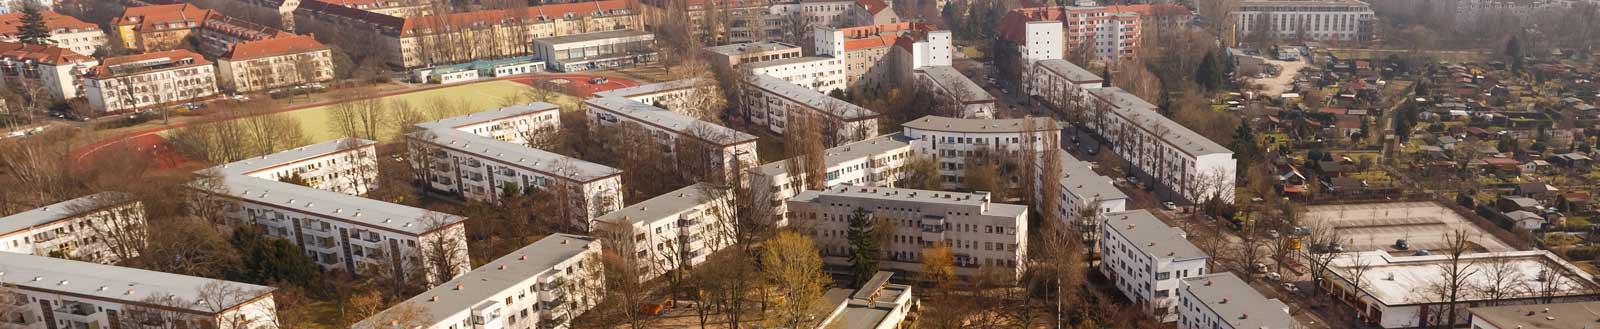 Weiße Stadt